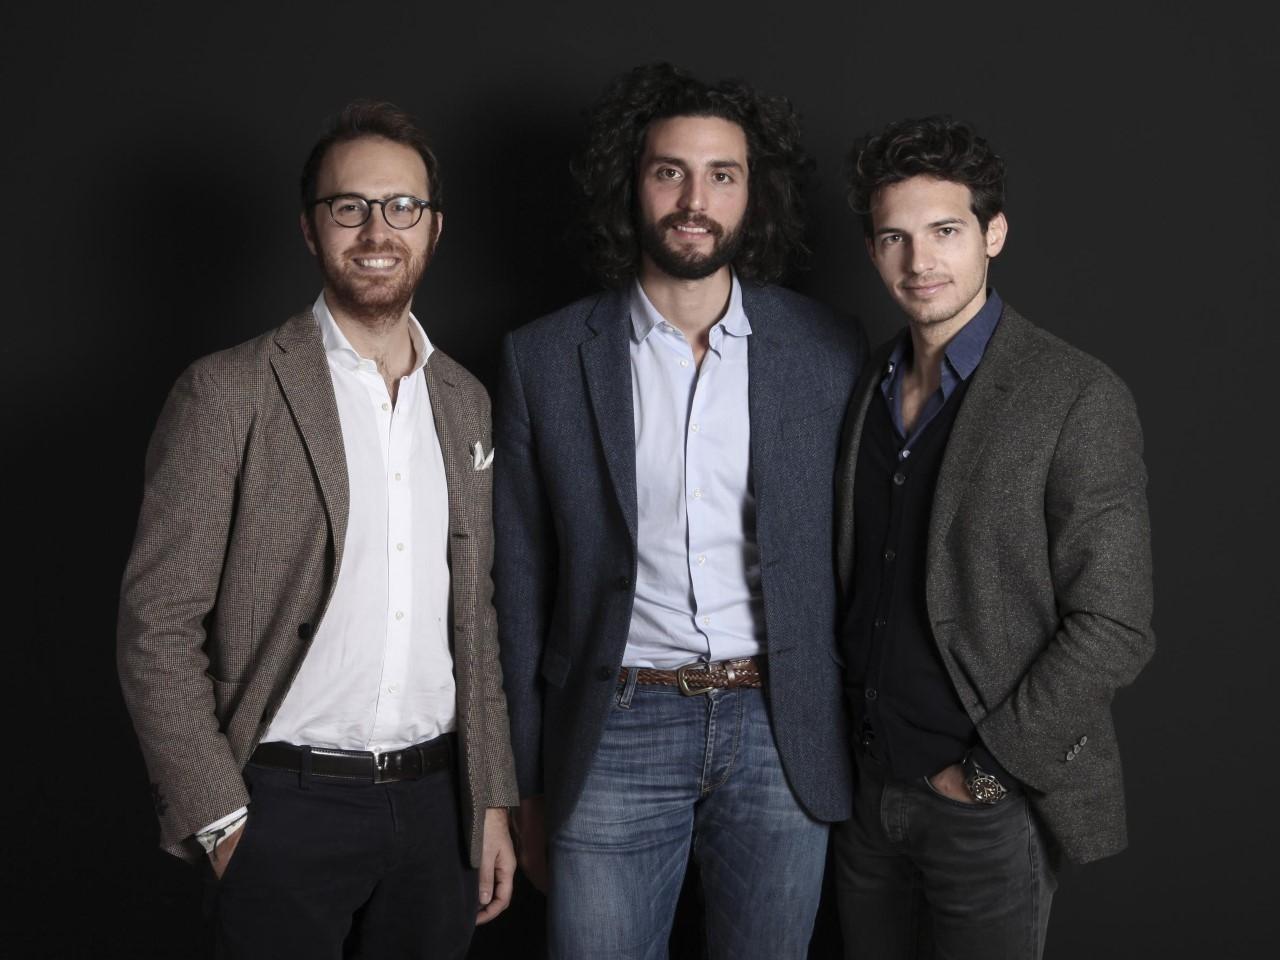 Il team di Foorban (Stefano Cavaleri, Marco Mottolese, Riccardo Pozzoli)